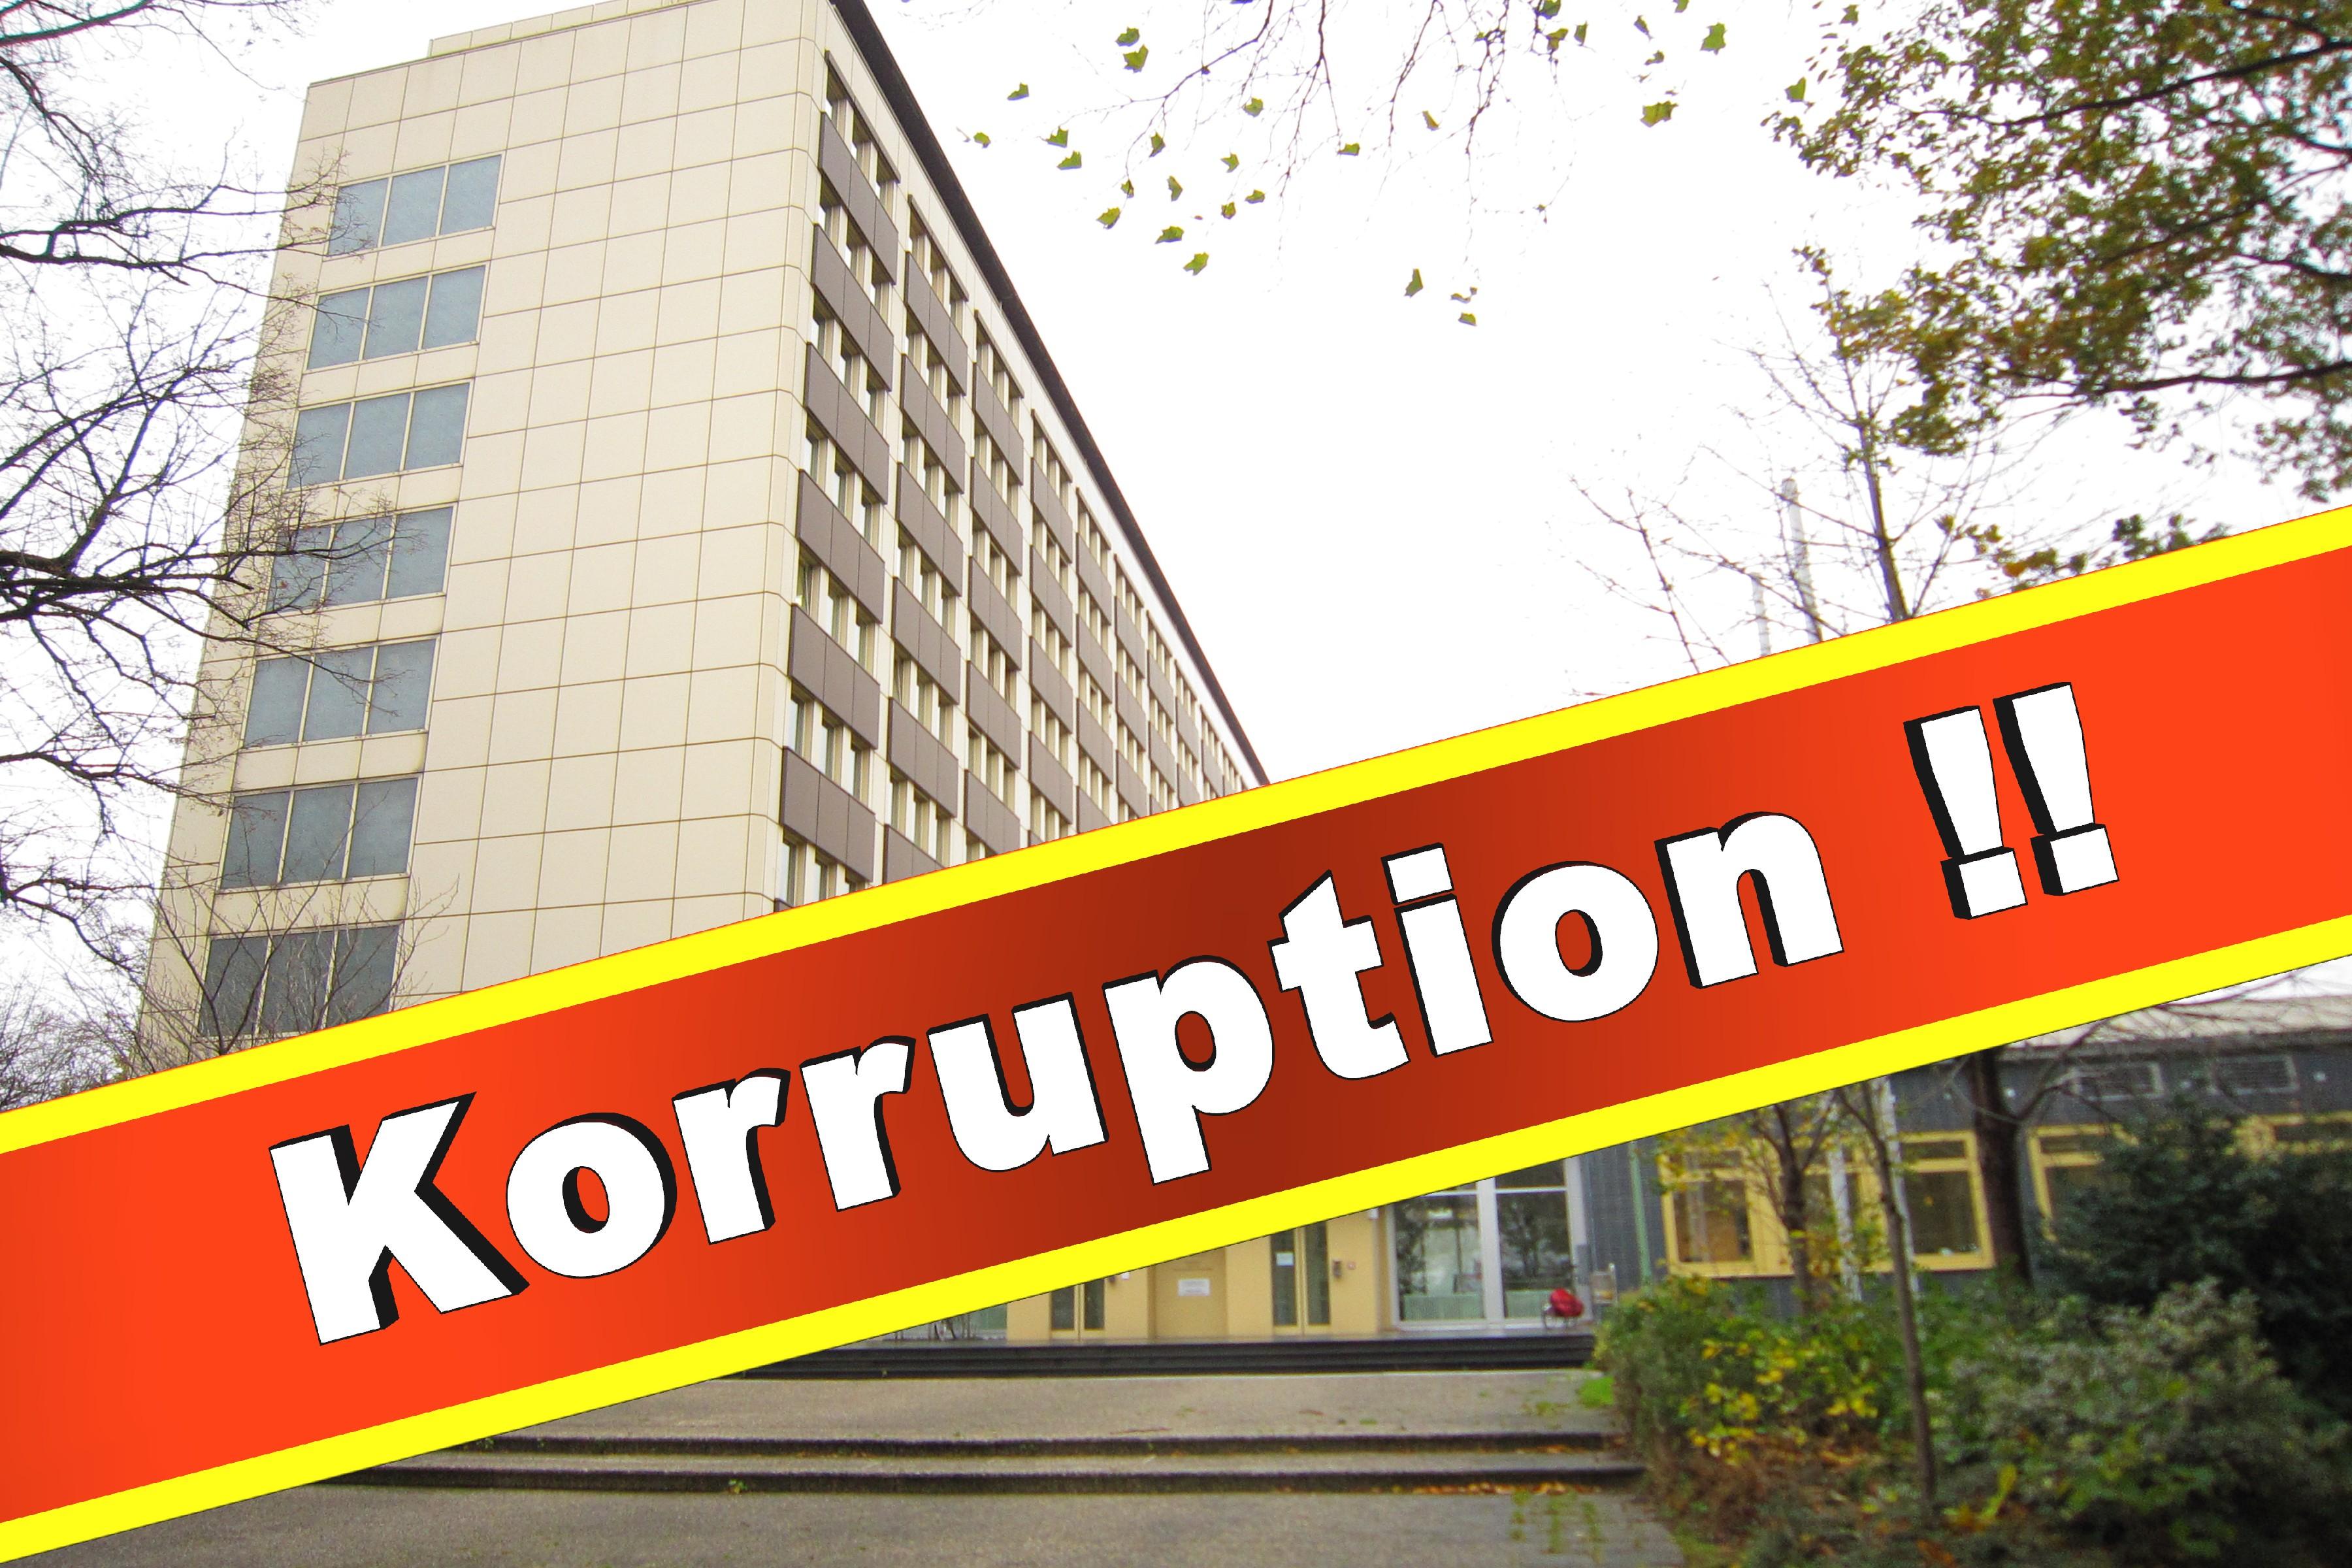 Finanzamt Bielefeld Außenstadt öffnungszeiten Finanzamt Bielefeld Steuerklasse ändern Finanzamt Bielefeld Zuständigkeit Finanzamt Bielefeld Ausbildung